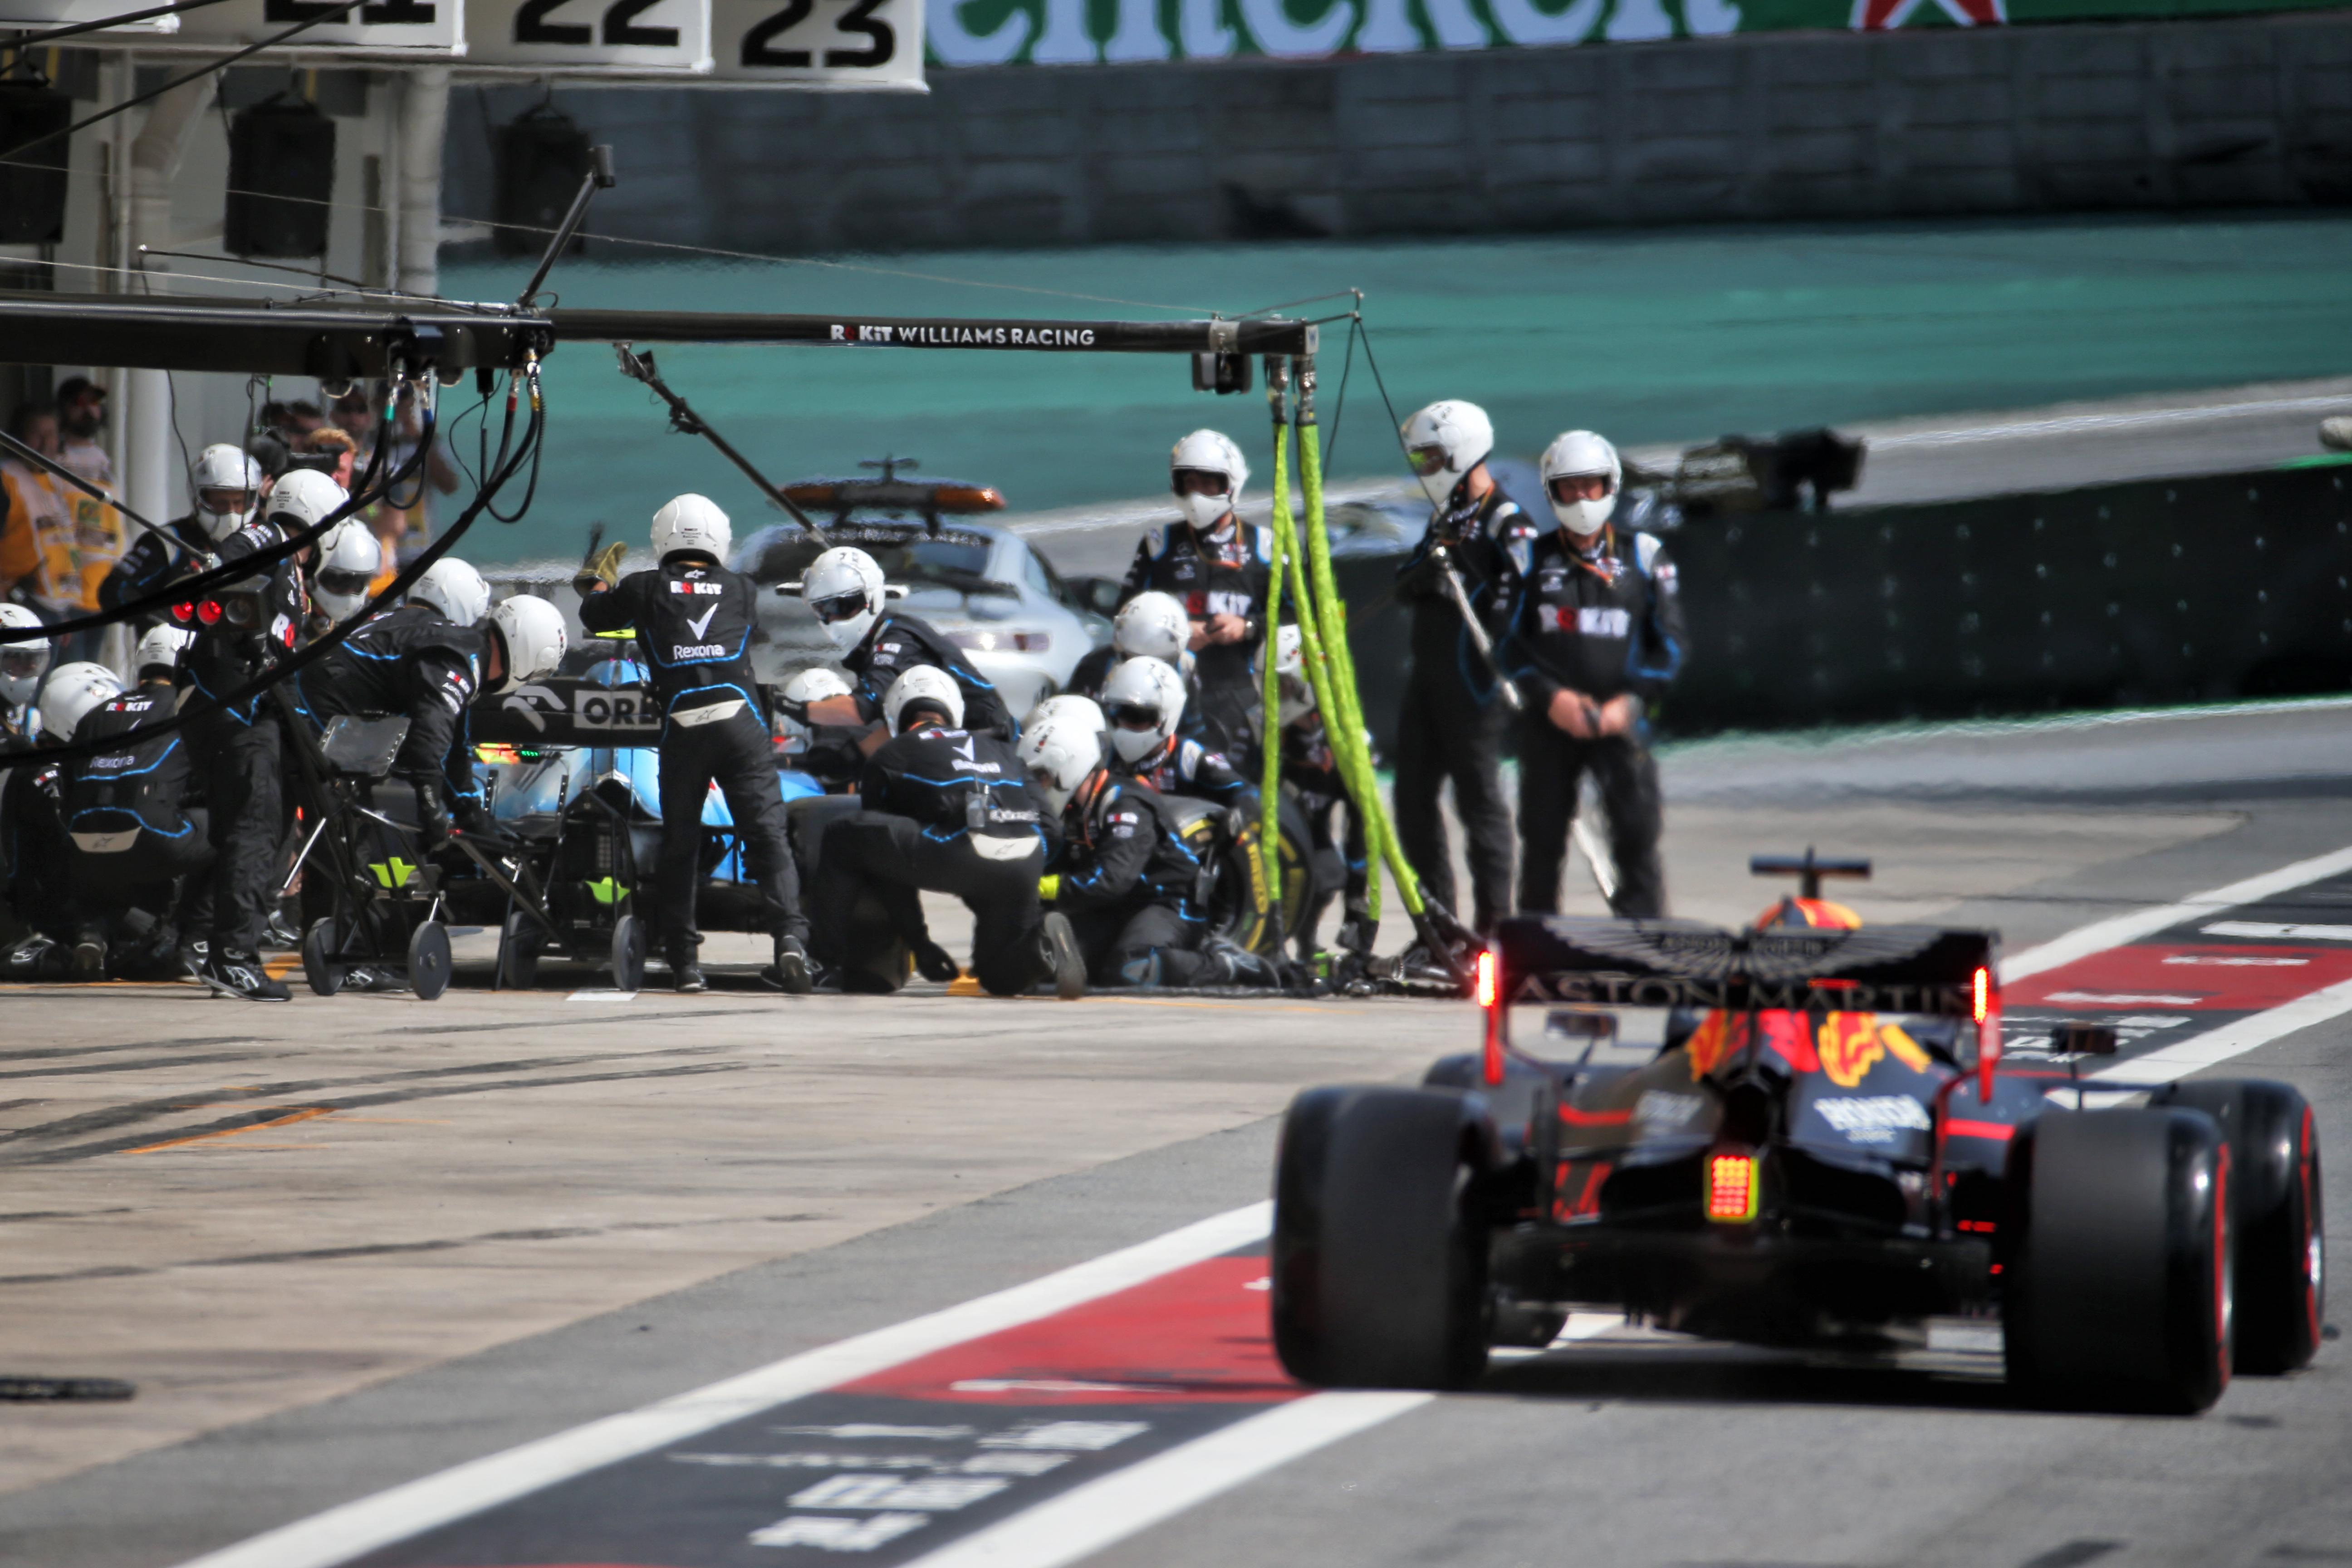 Williams Red Bull Brazilian Grand Prix 2019 Interlagos